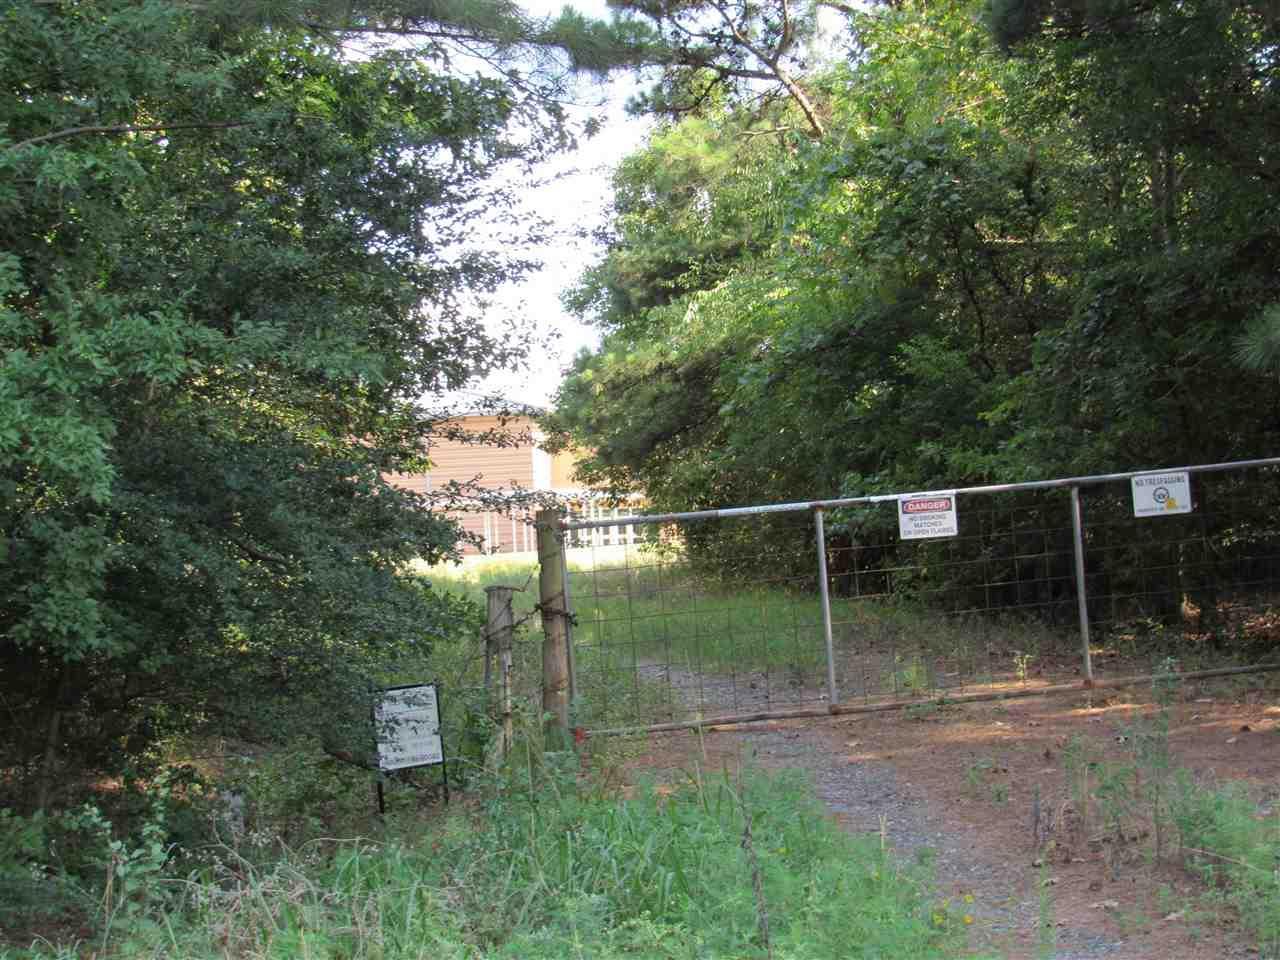 002 W. Loop 281 - Photo 1